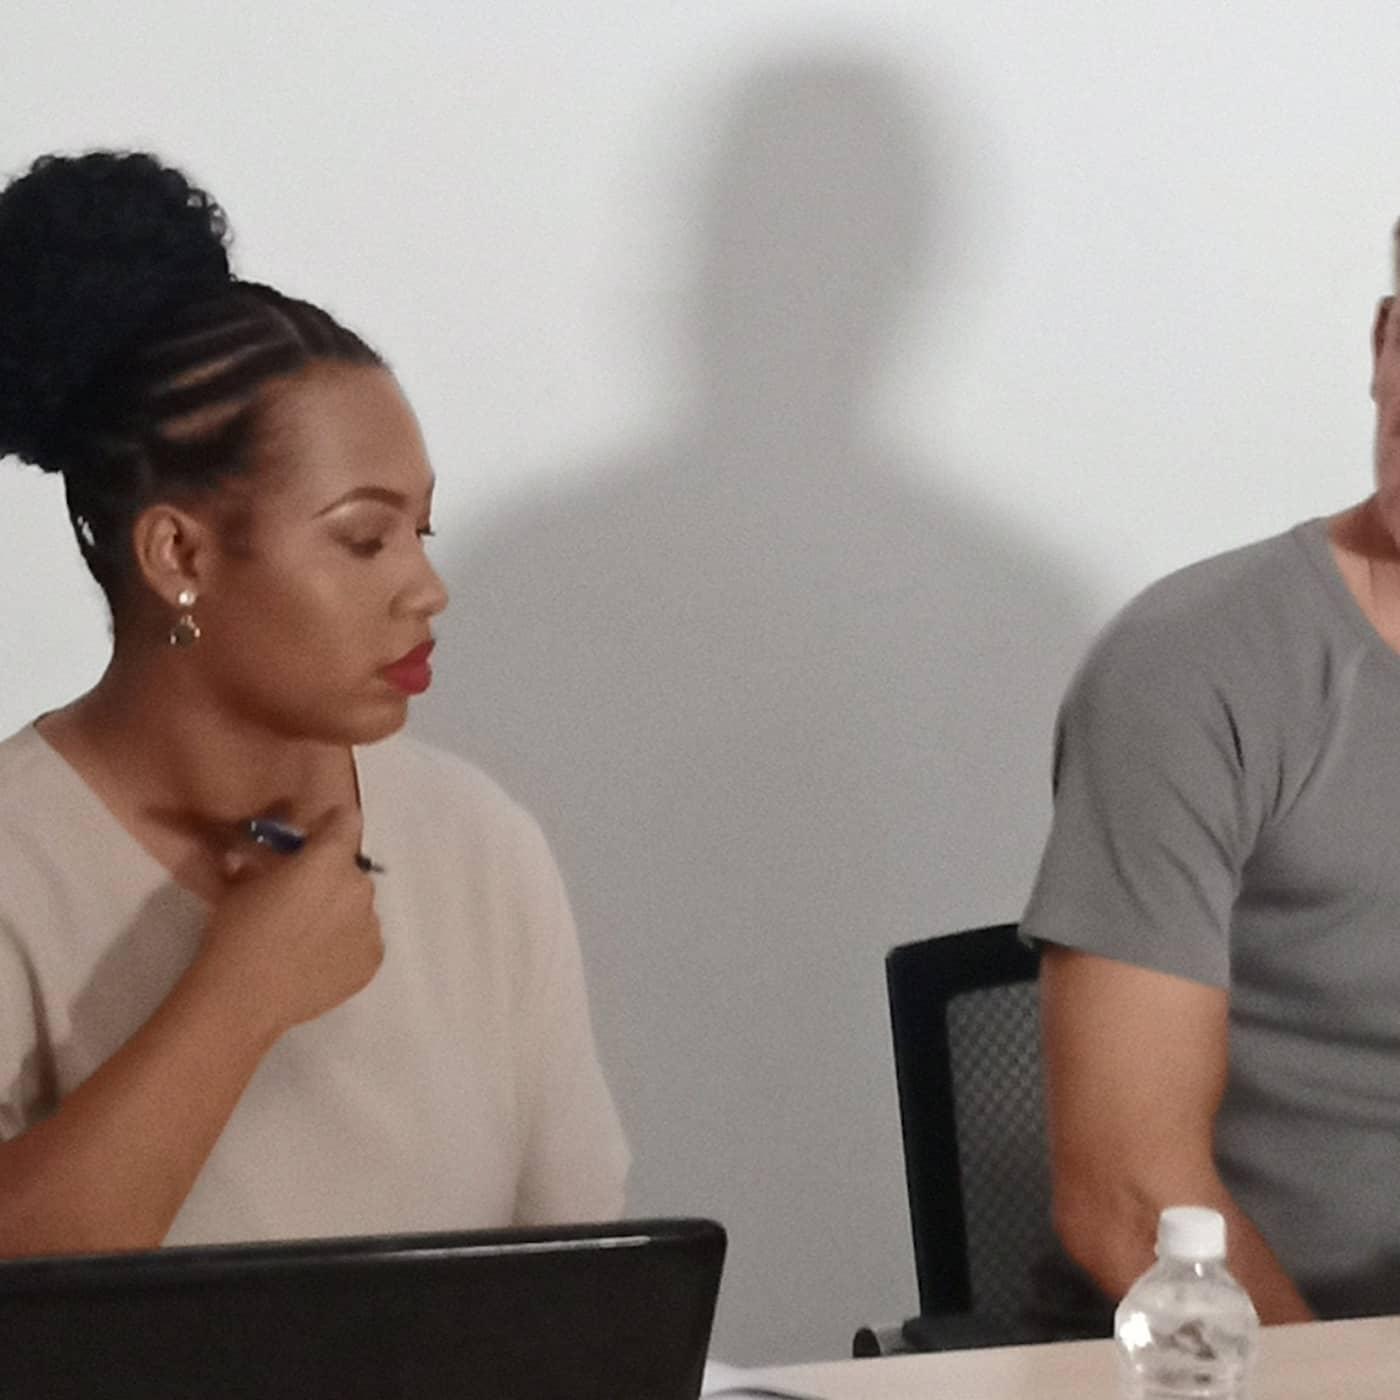 TV-kändis i Zambia: Richard Myrenberg, Lusaka